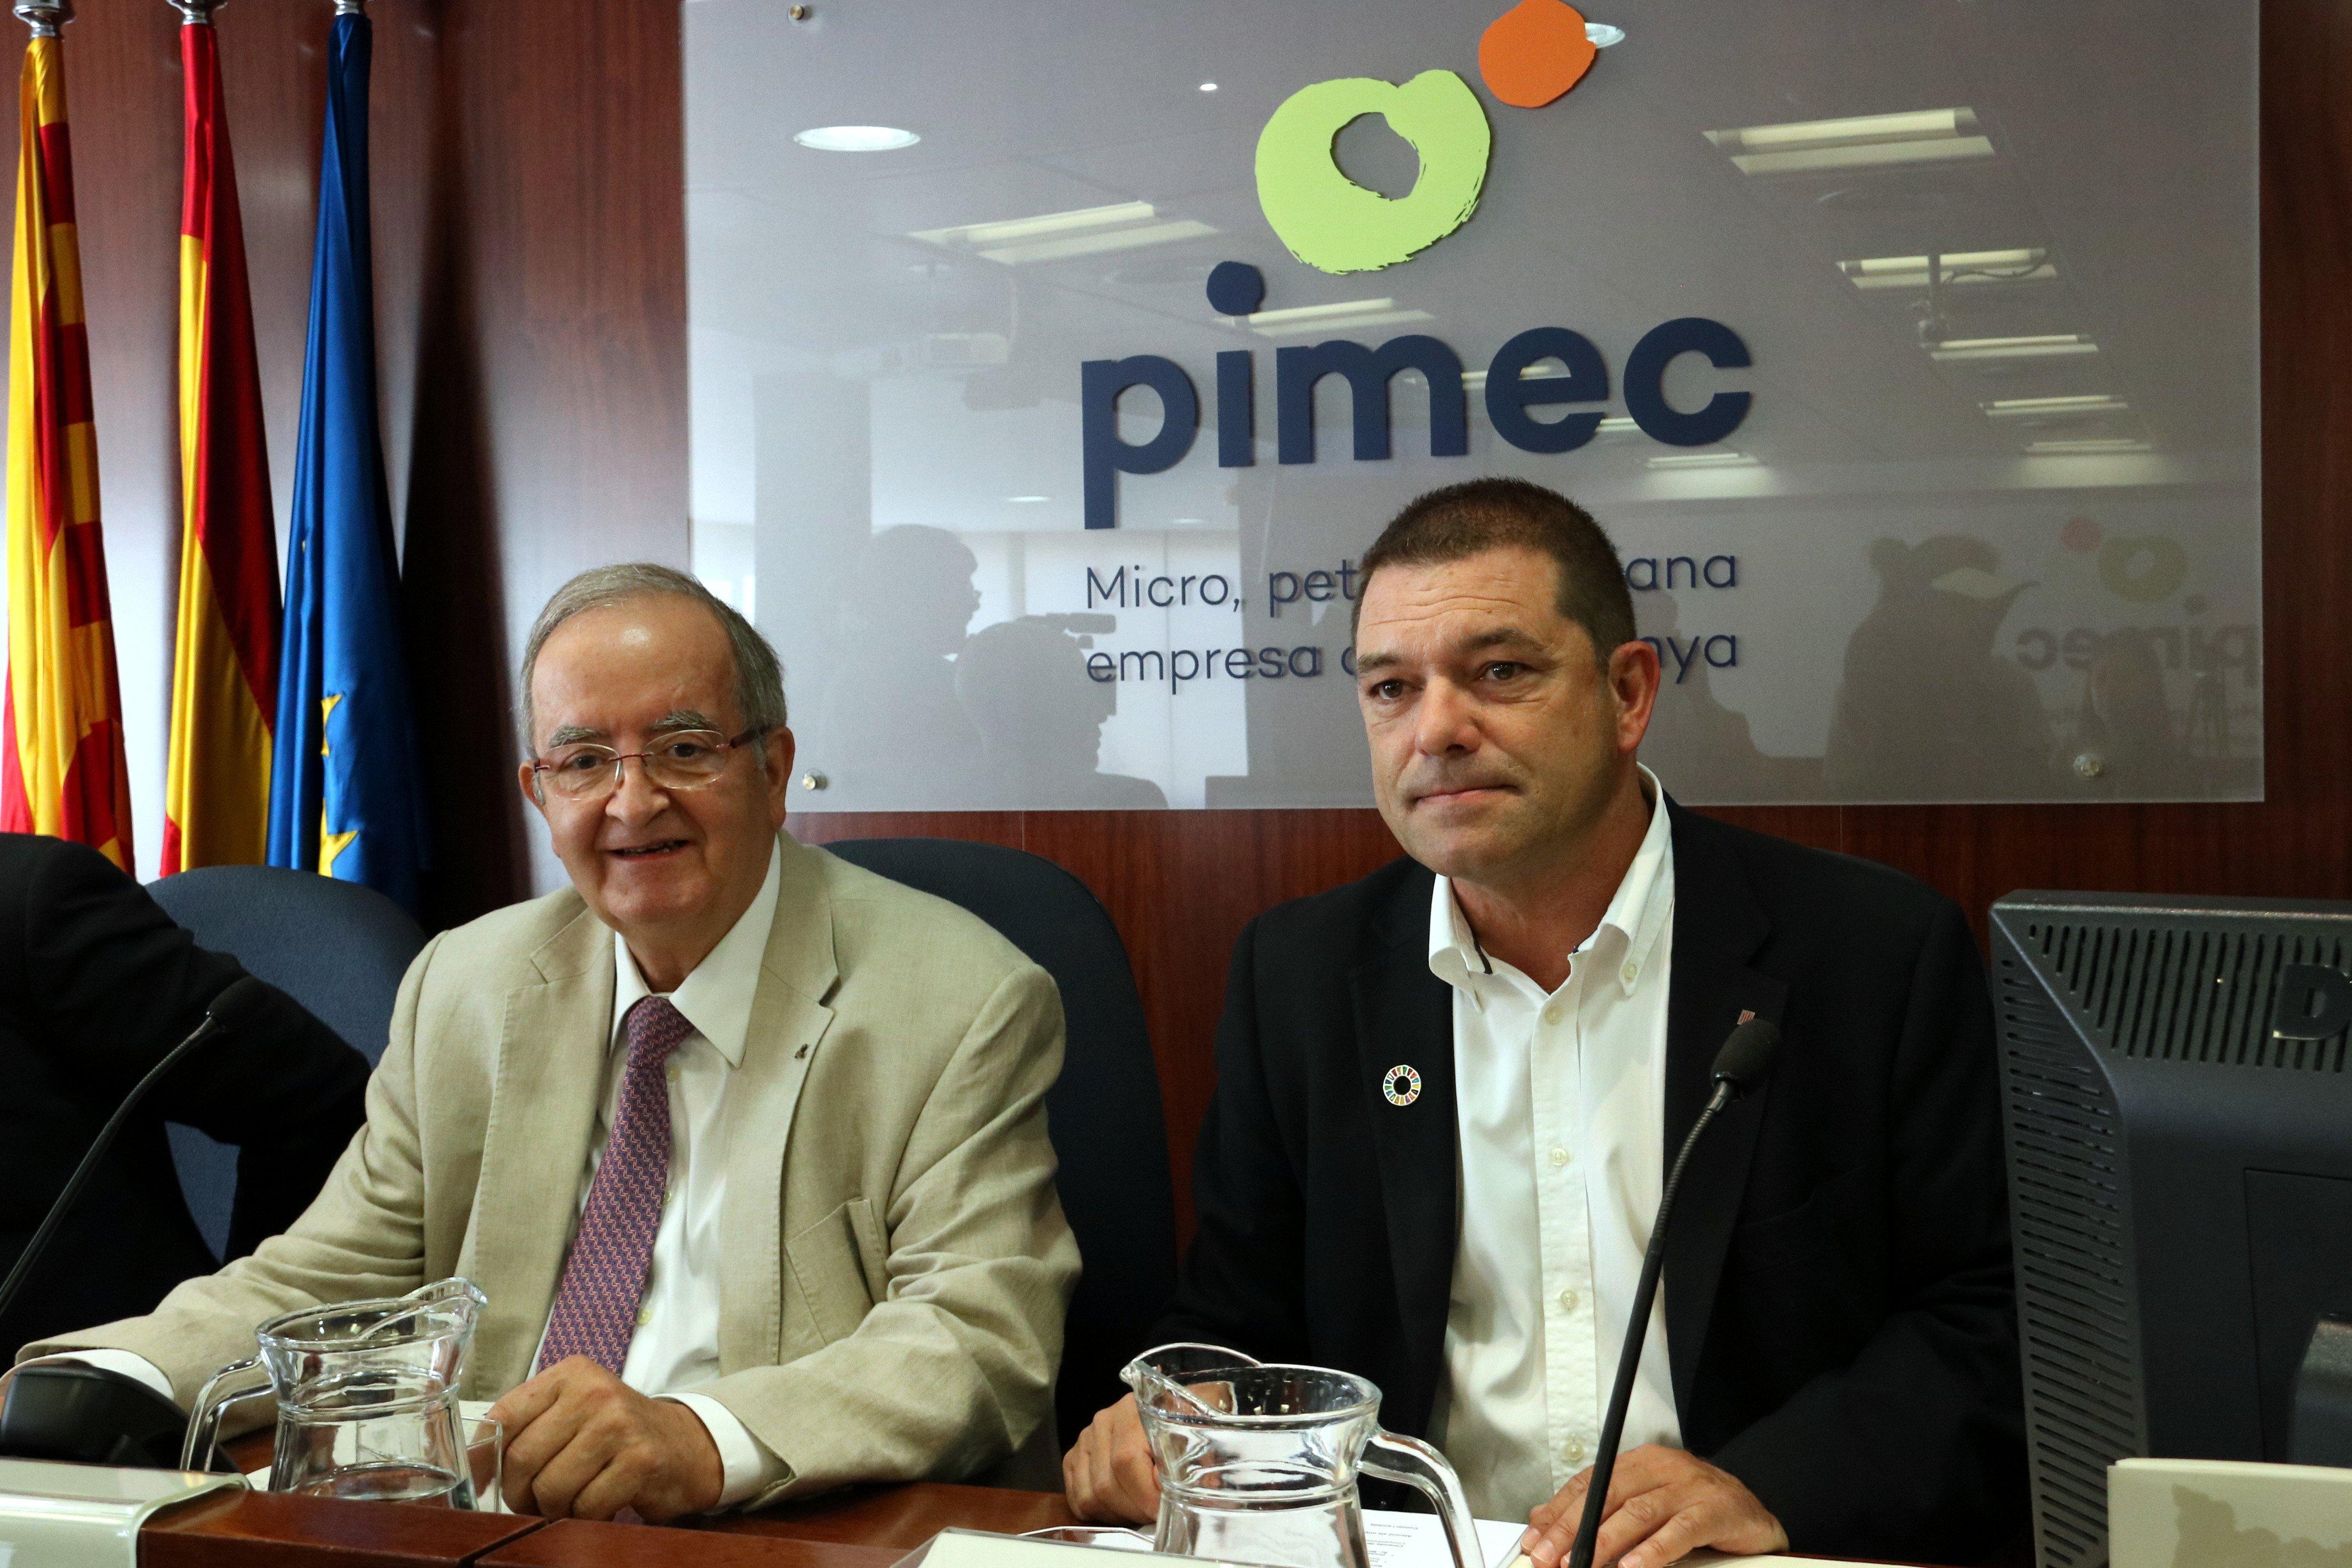 pimec-josep-gonzalez-joaquim-ferrer-ACN